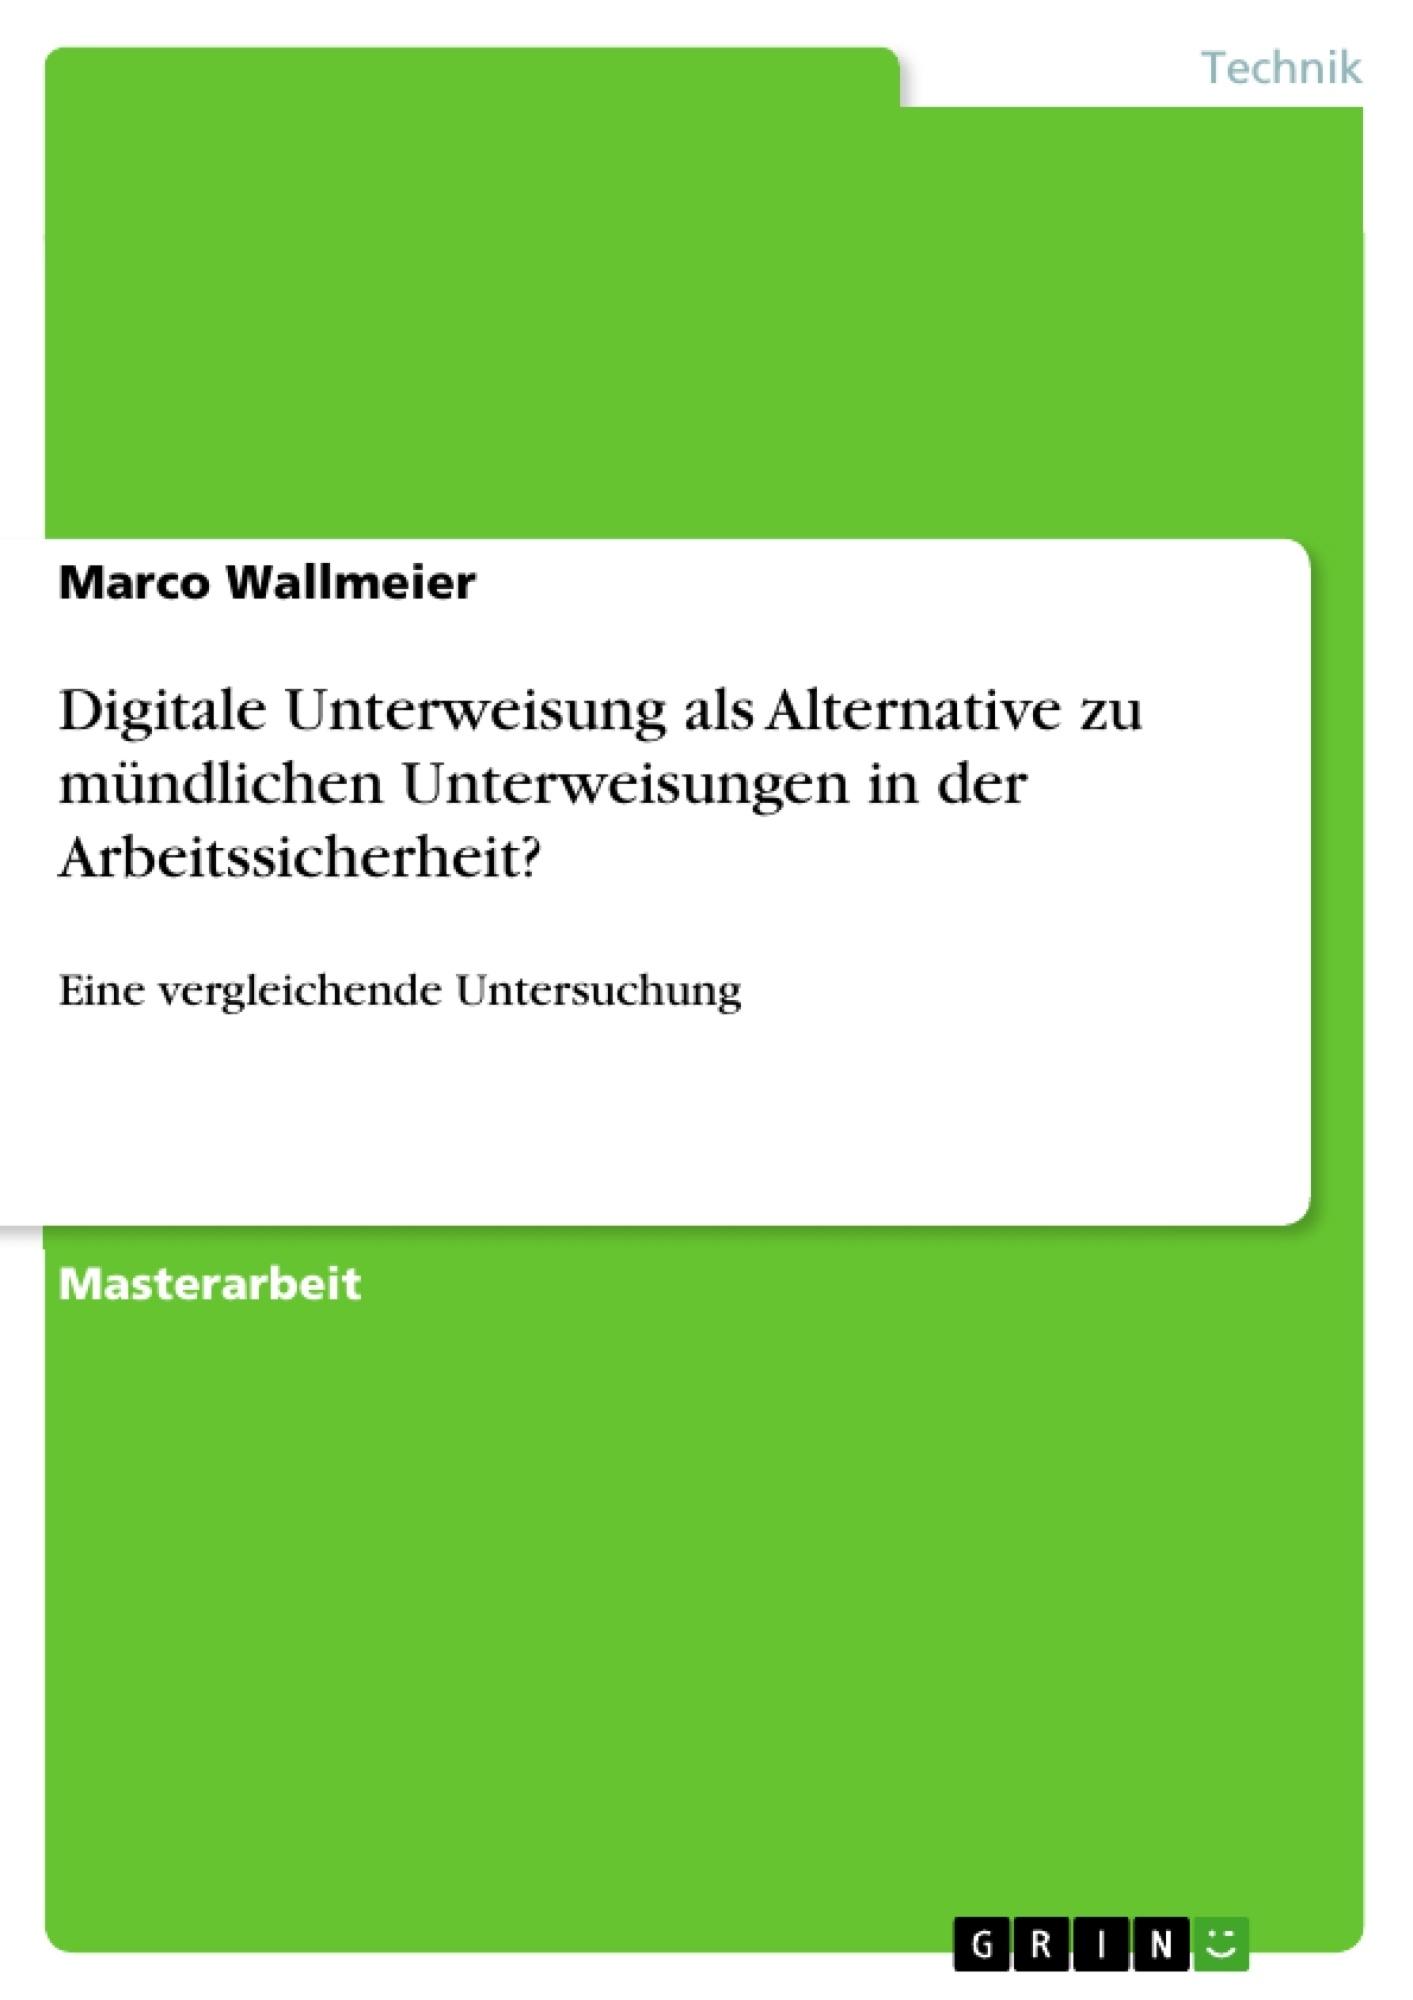 Titel: Digitale Unterweisung als Alternative zu mündlichen Unterweisungen in der Arbeitssicherheit?